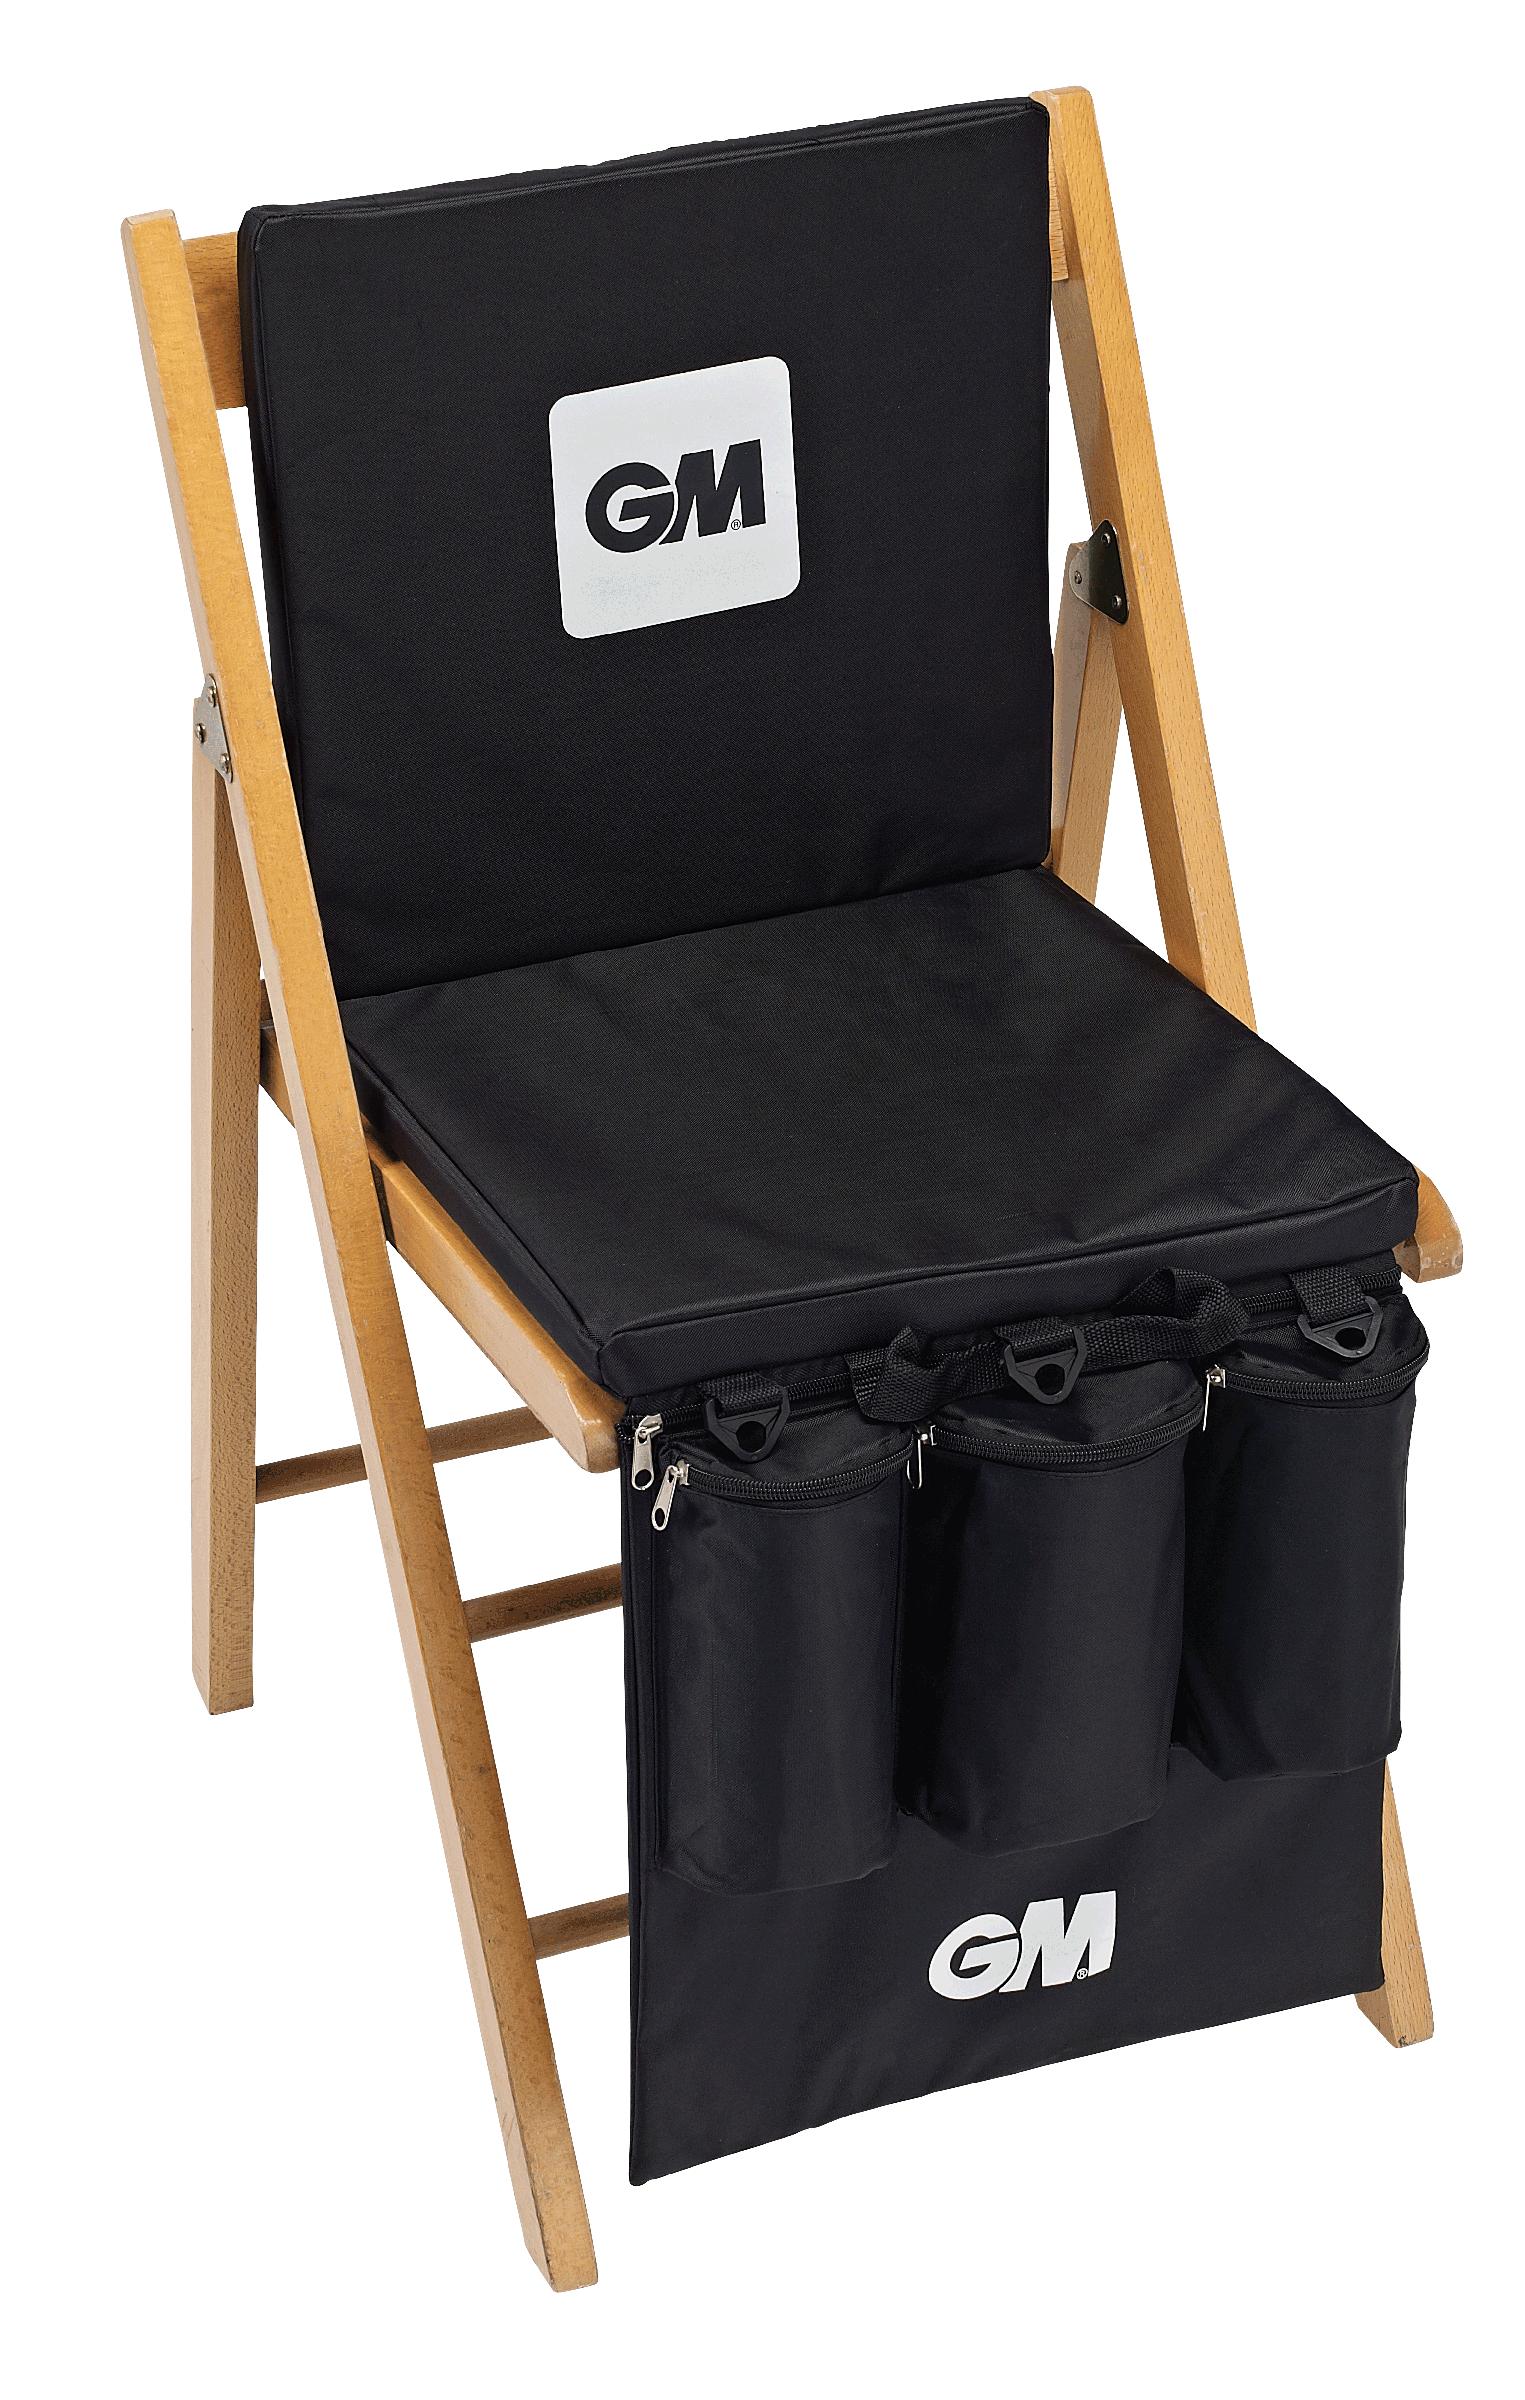 GM Easi-Seat